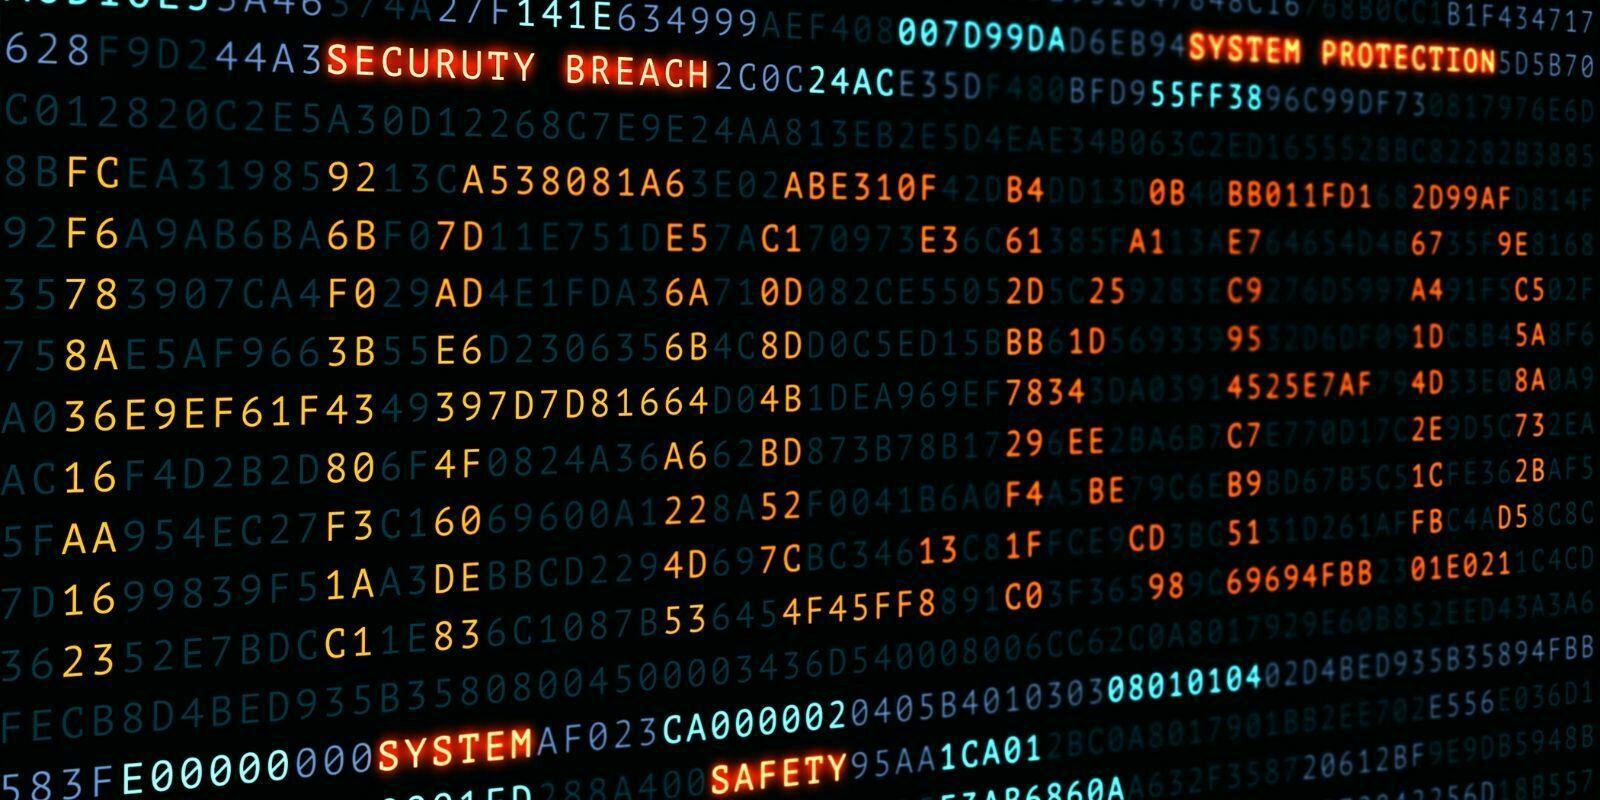 Le site Web de Monero a été victime d'un malware pouvant voler les fonds des utilisateurs